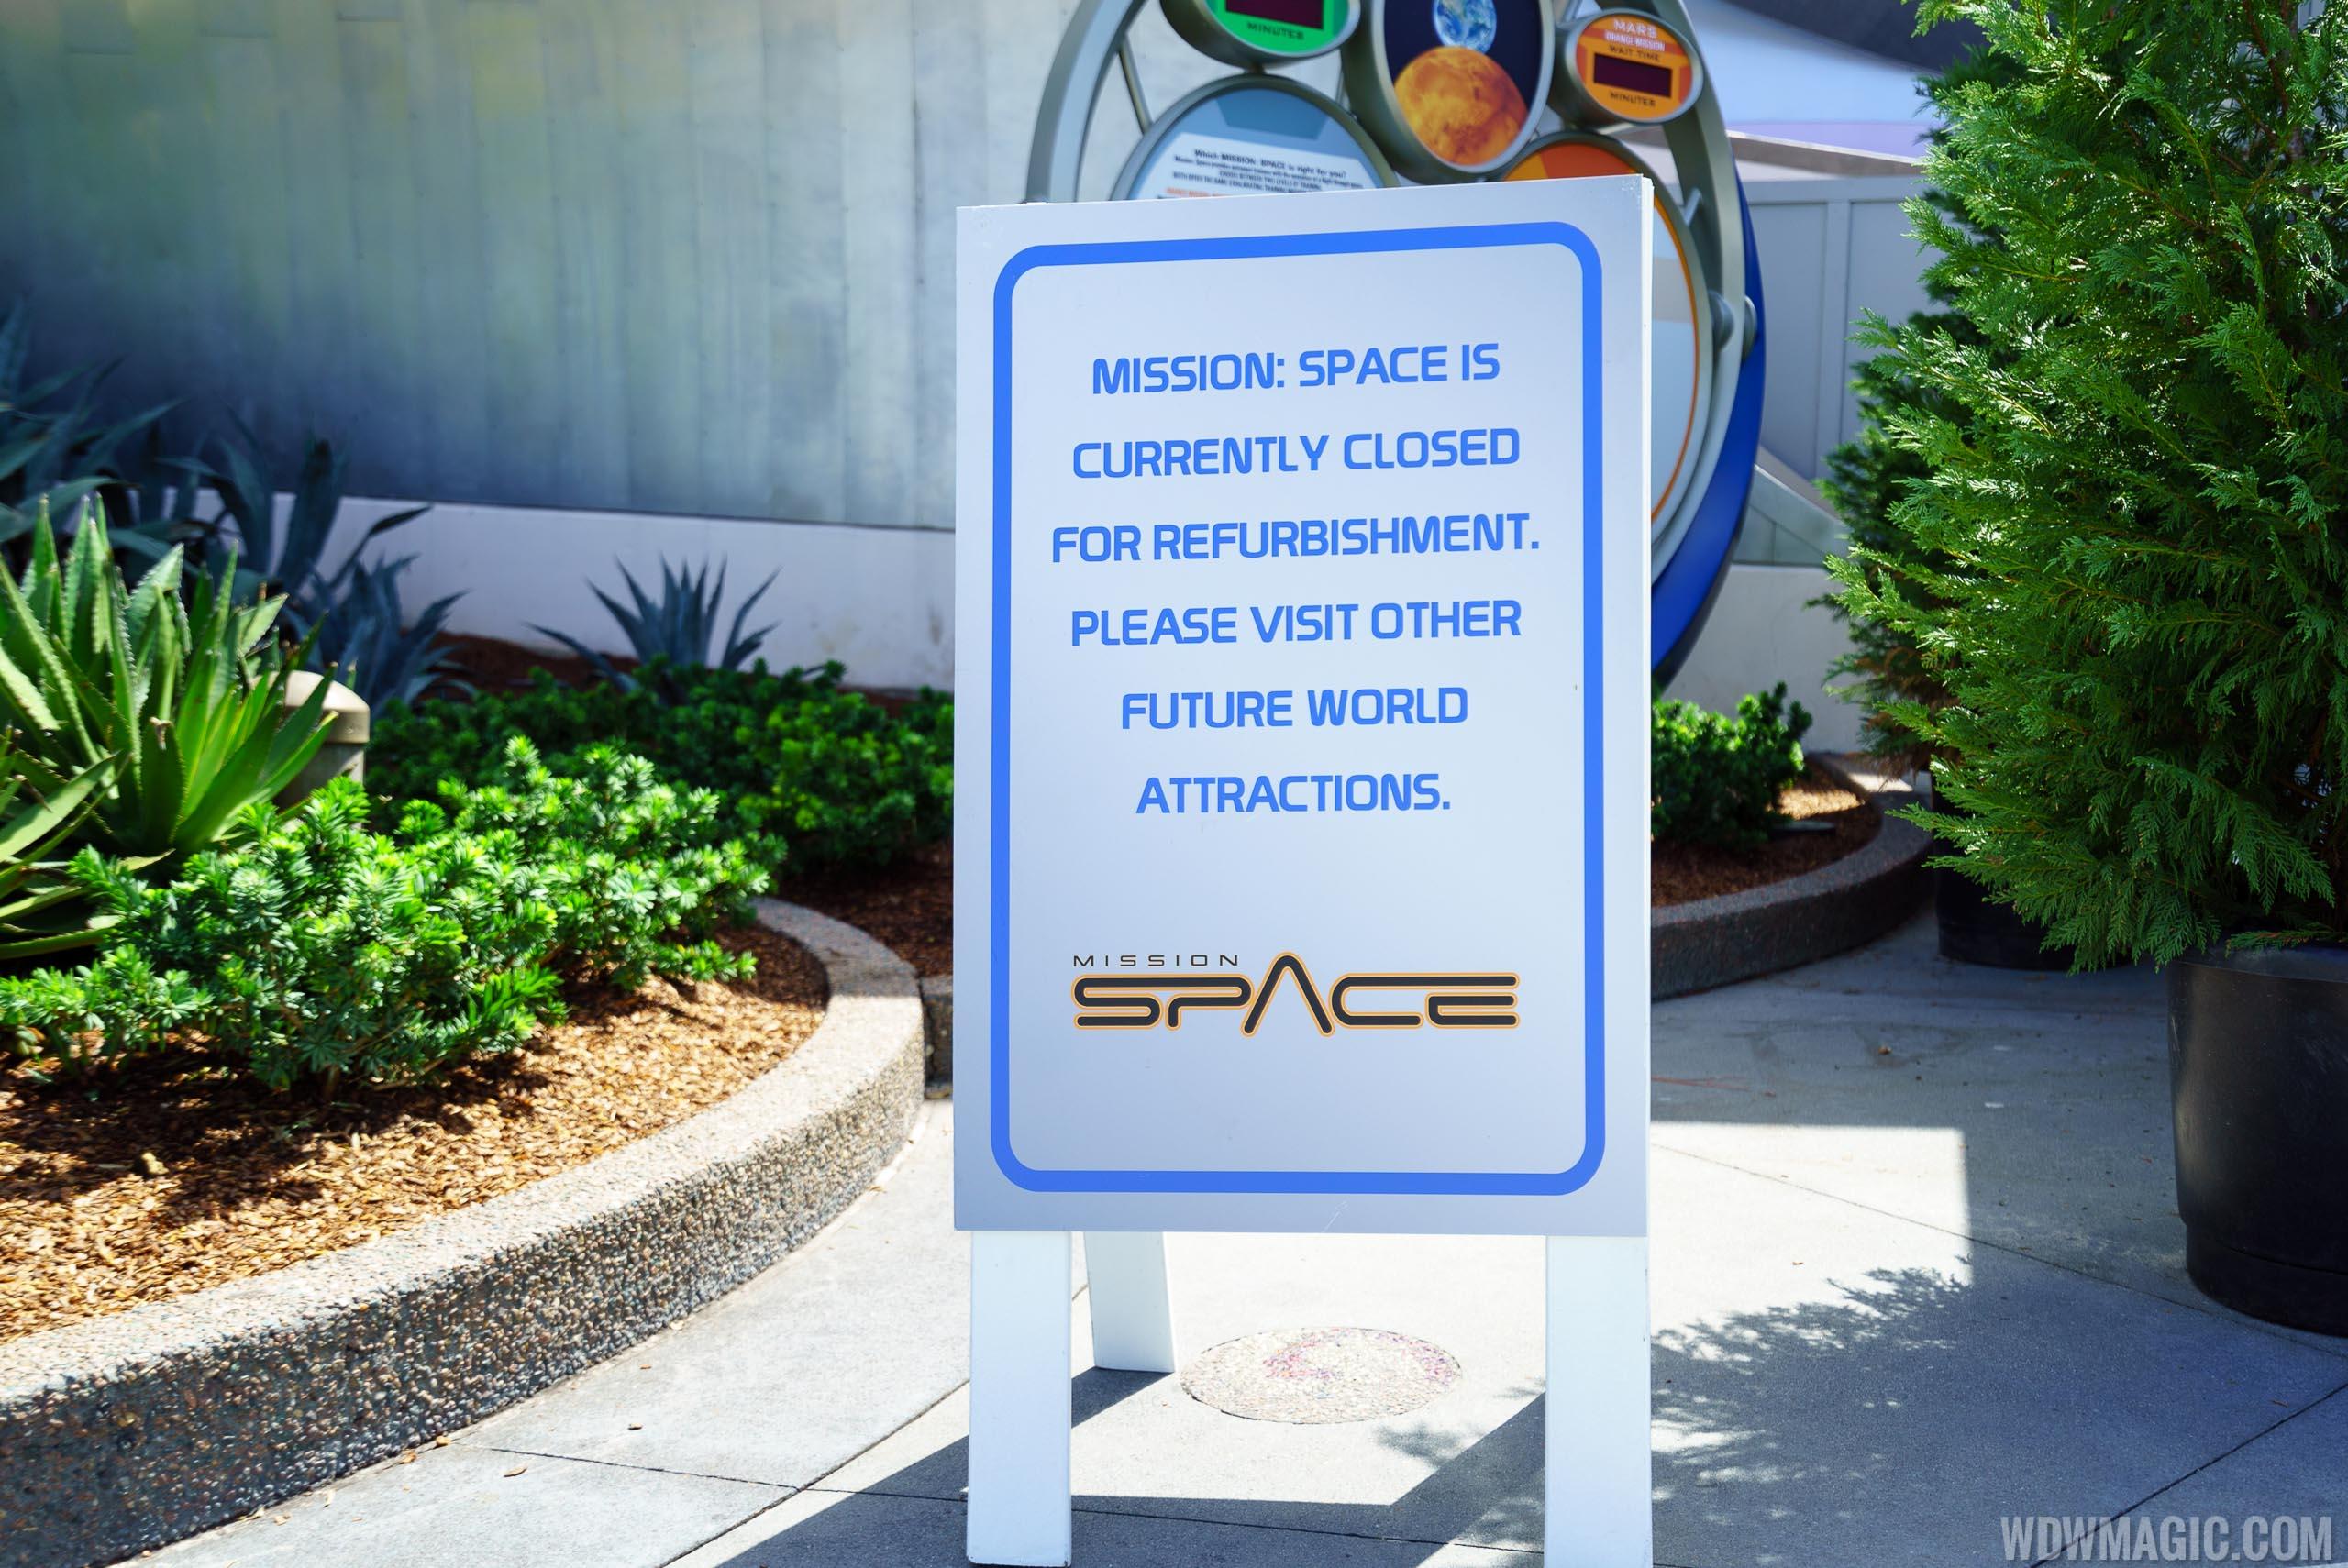 Mission SPACE refurbishment